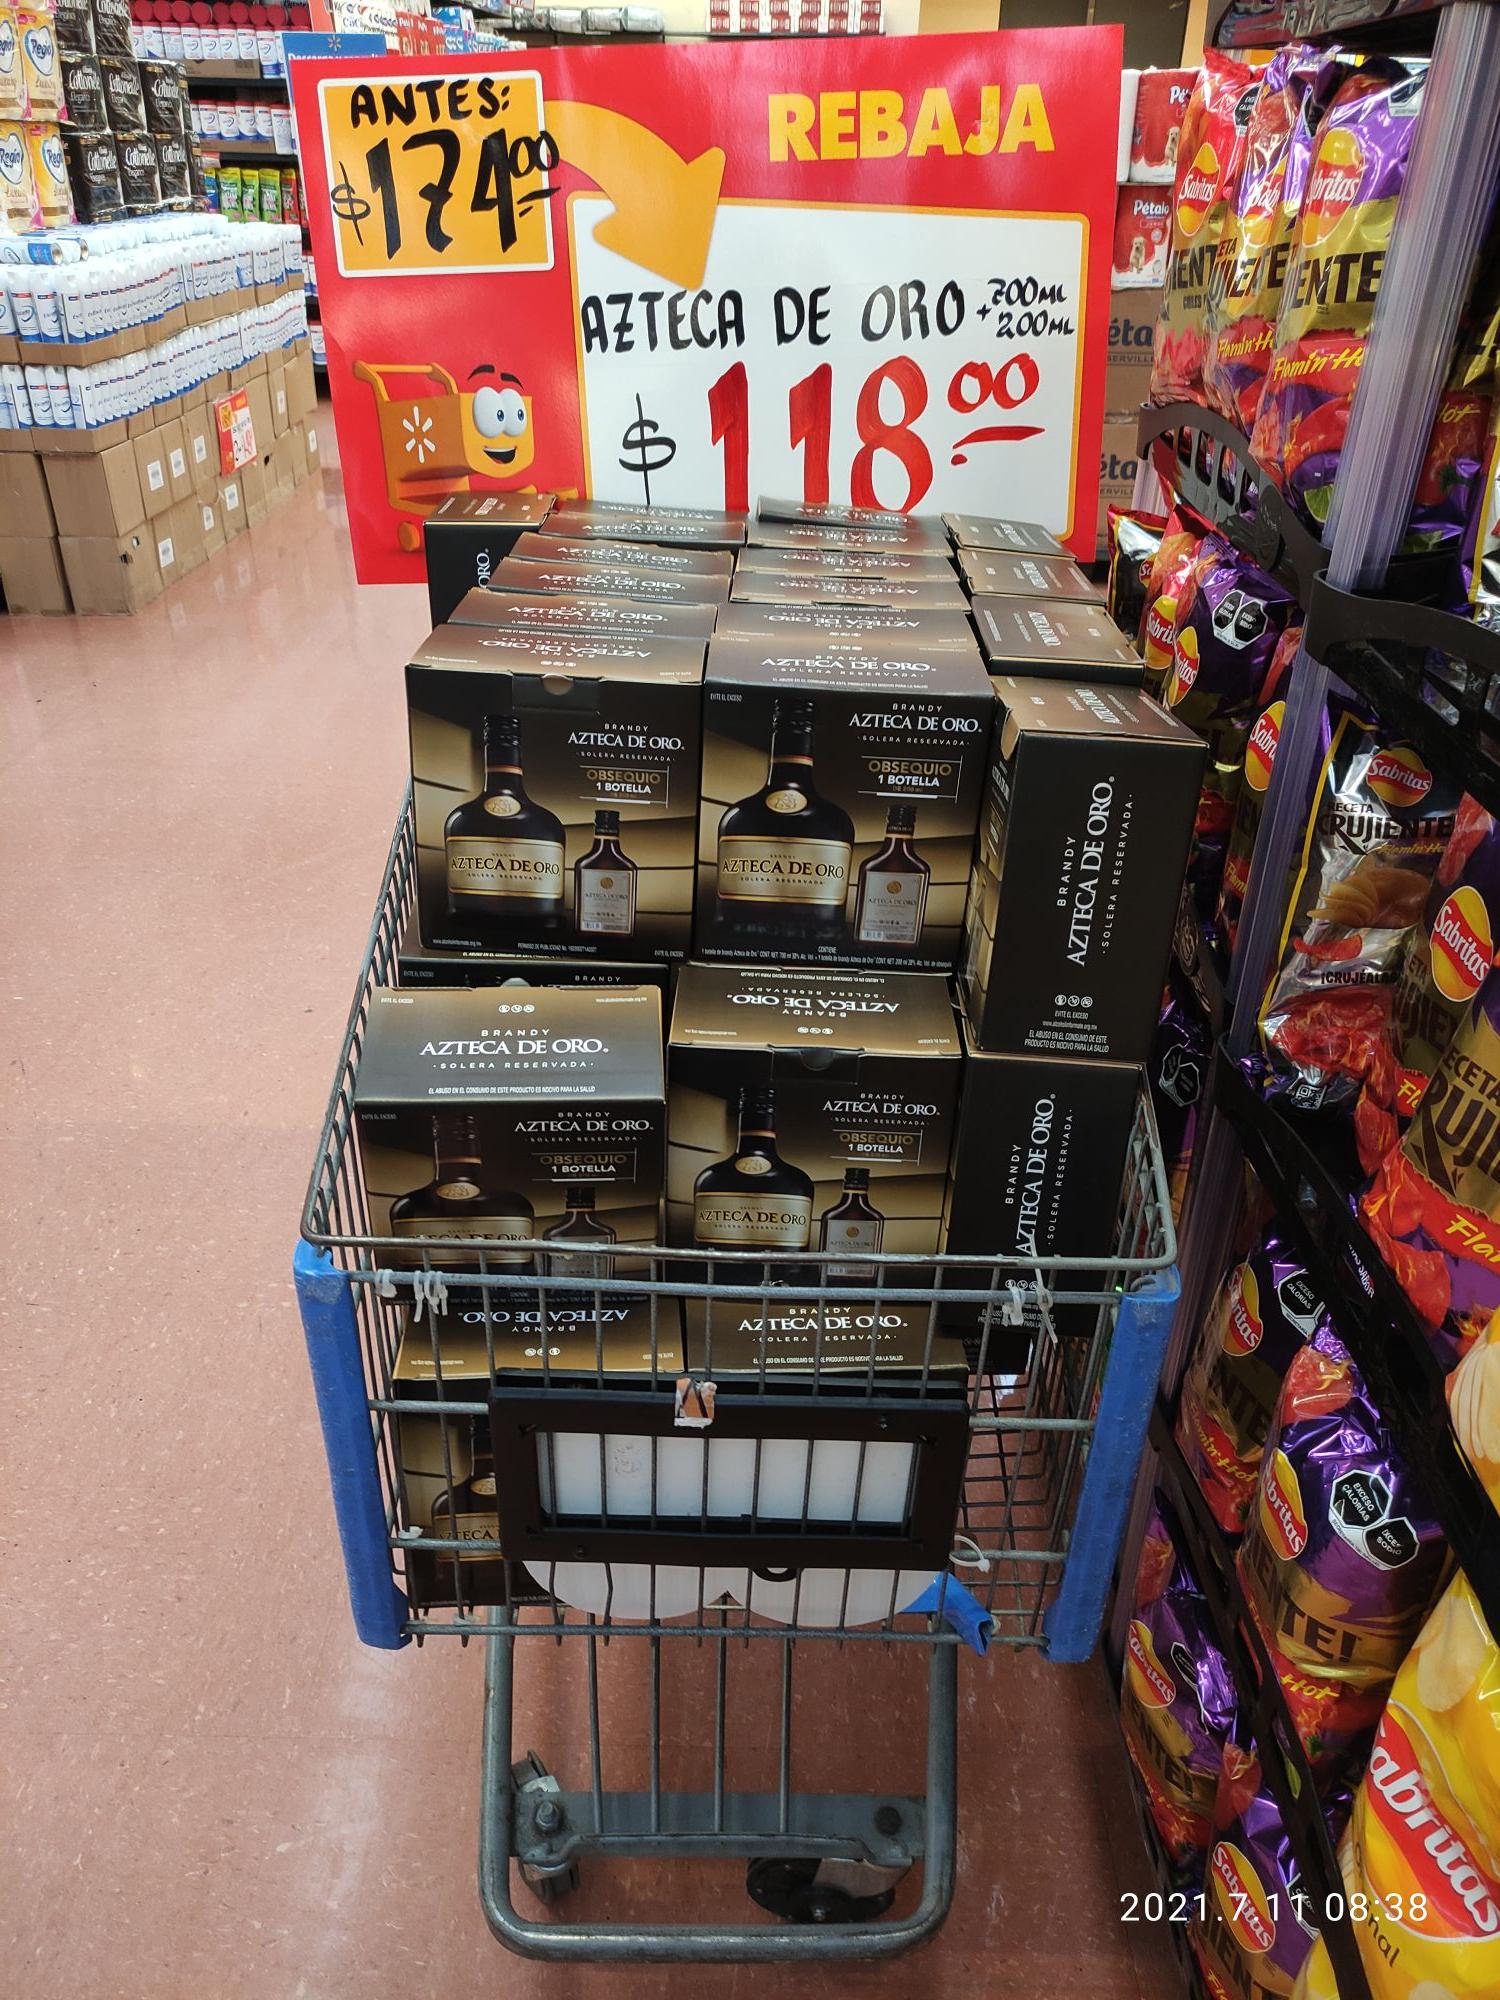 Walmart: Brandy Azteca de Oro